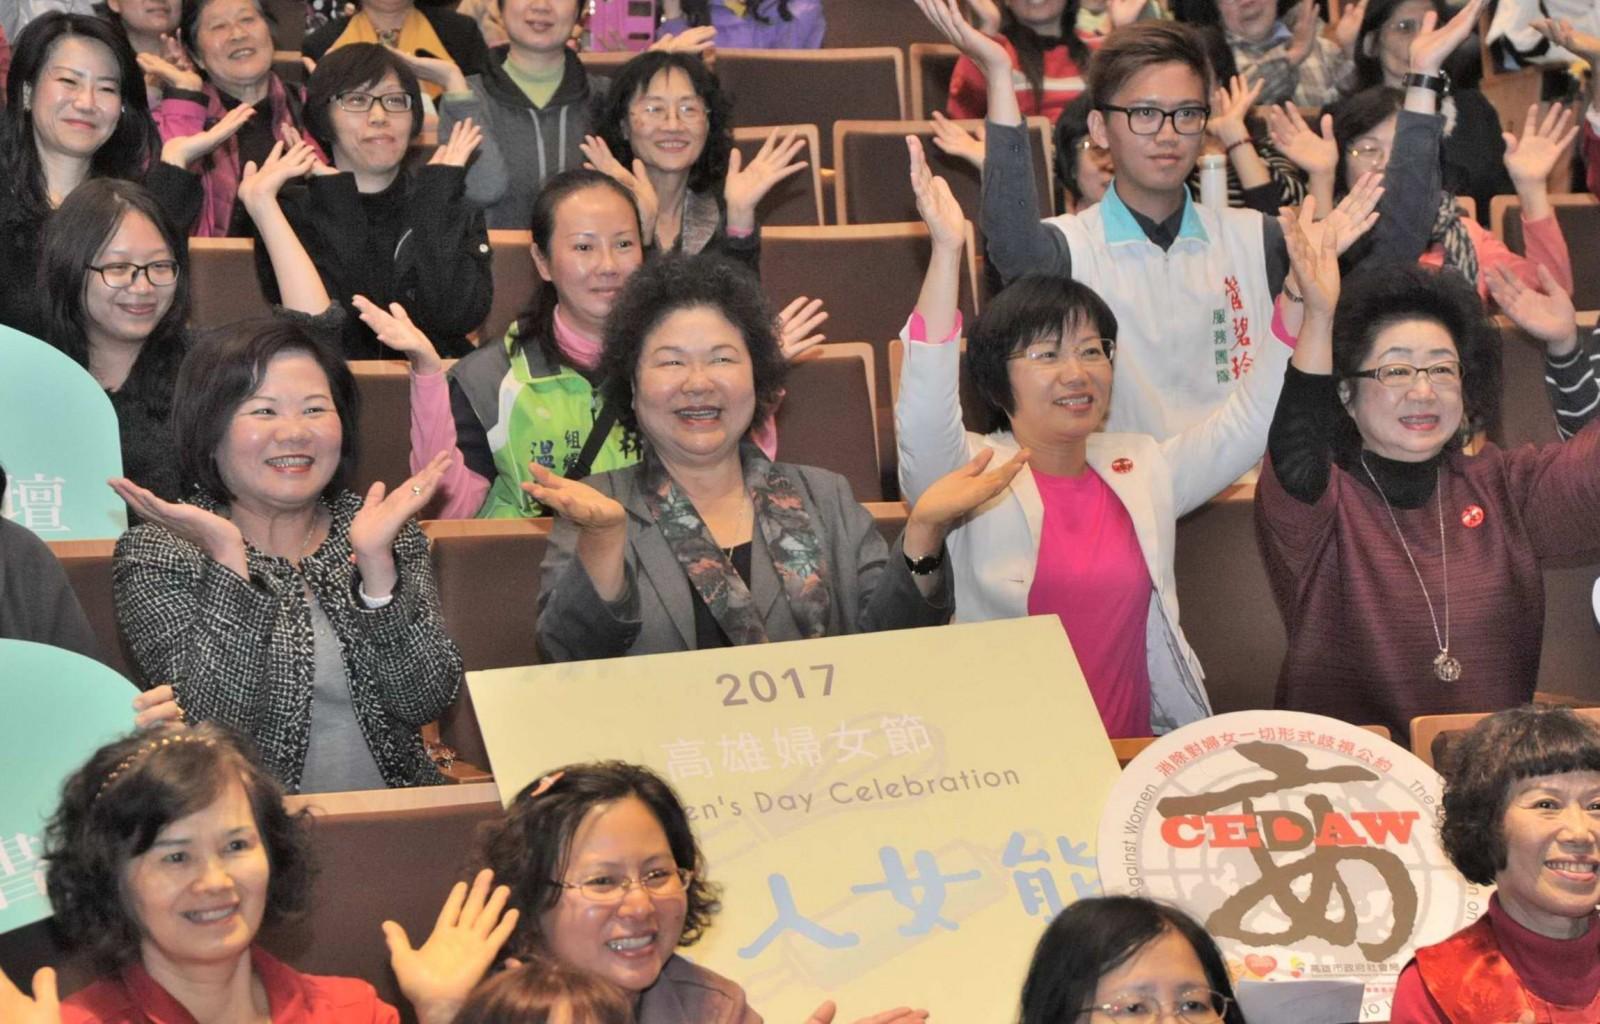 《女人‧女能》影展開展 鼓勵女性參與公共事務